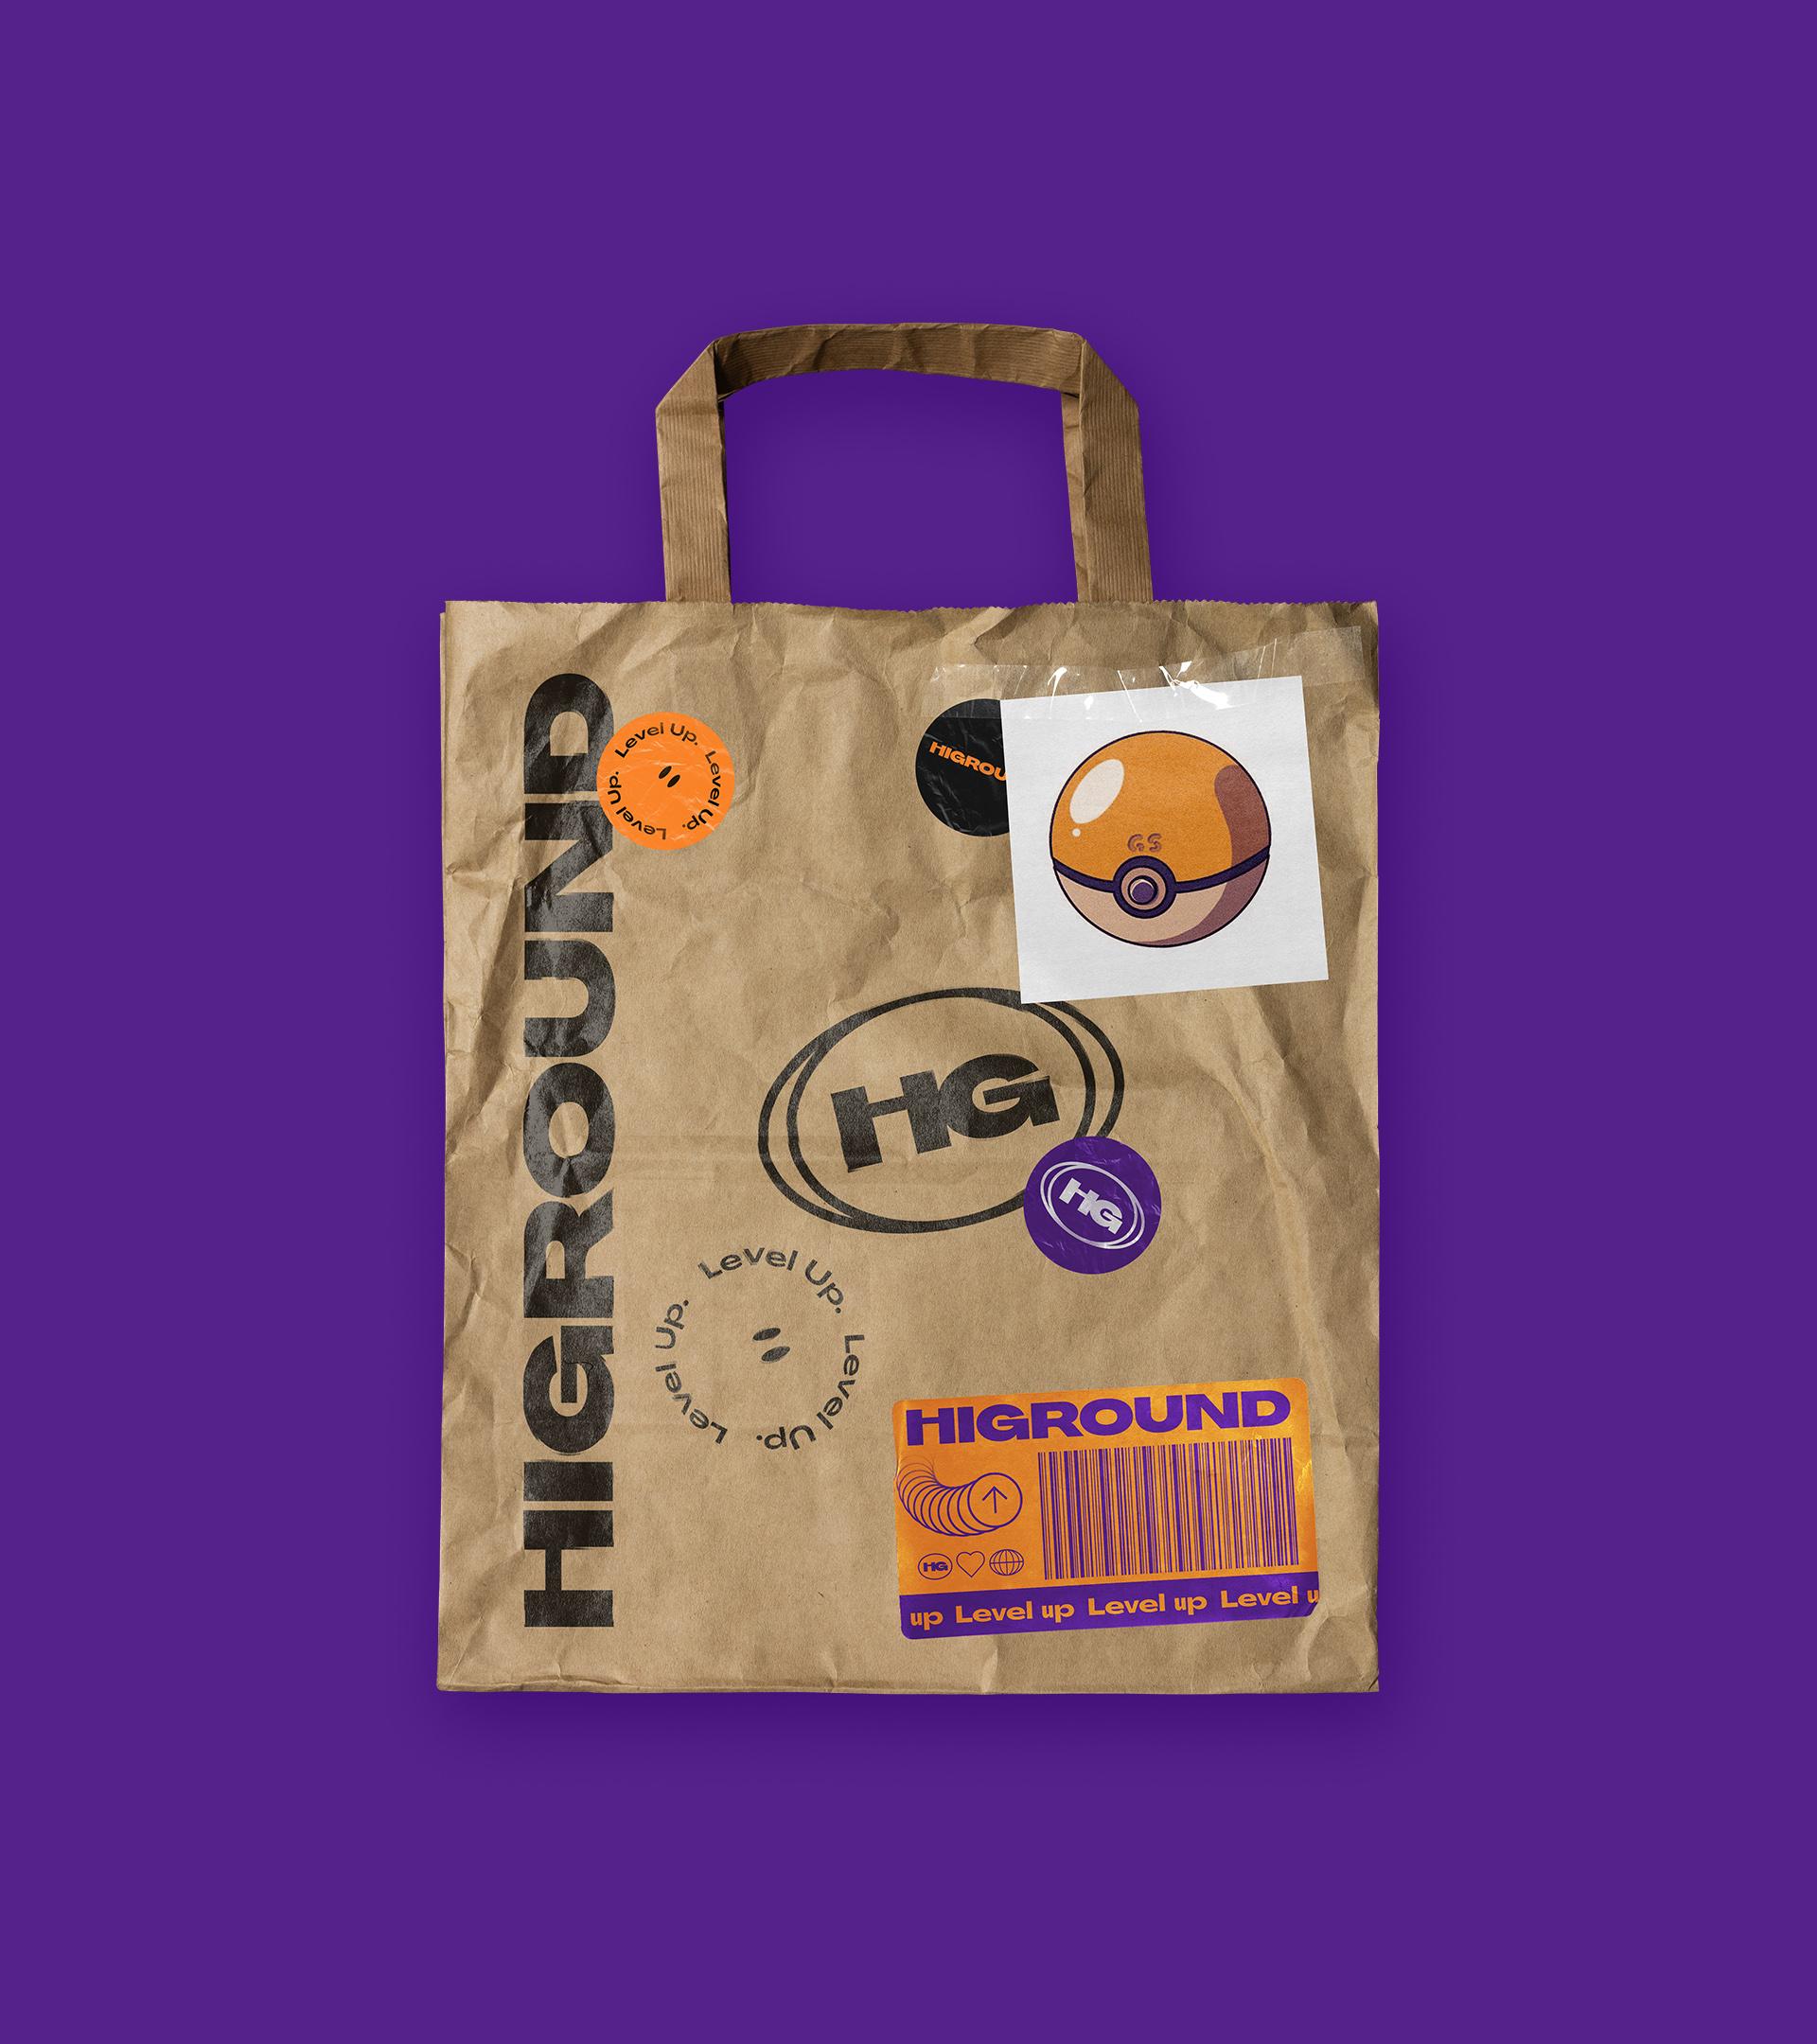 hg-bag-1